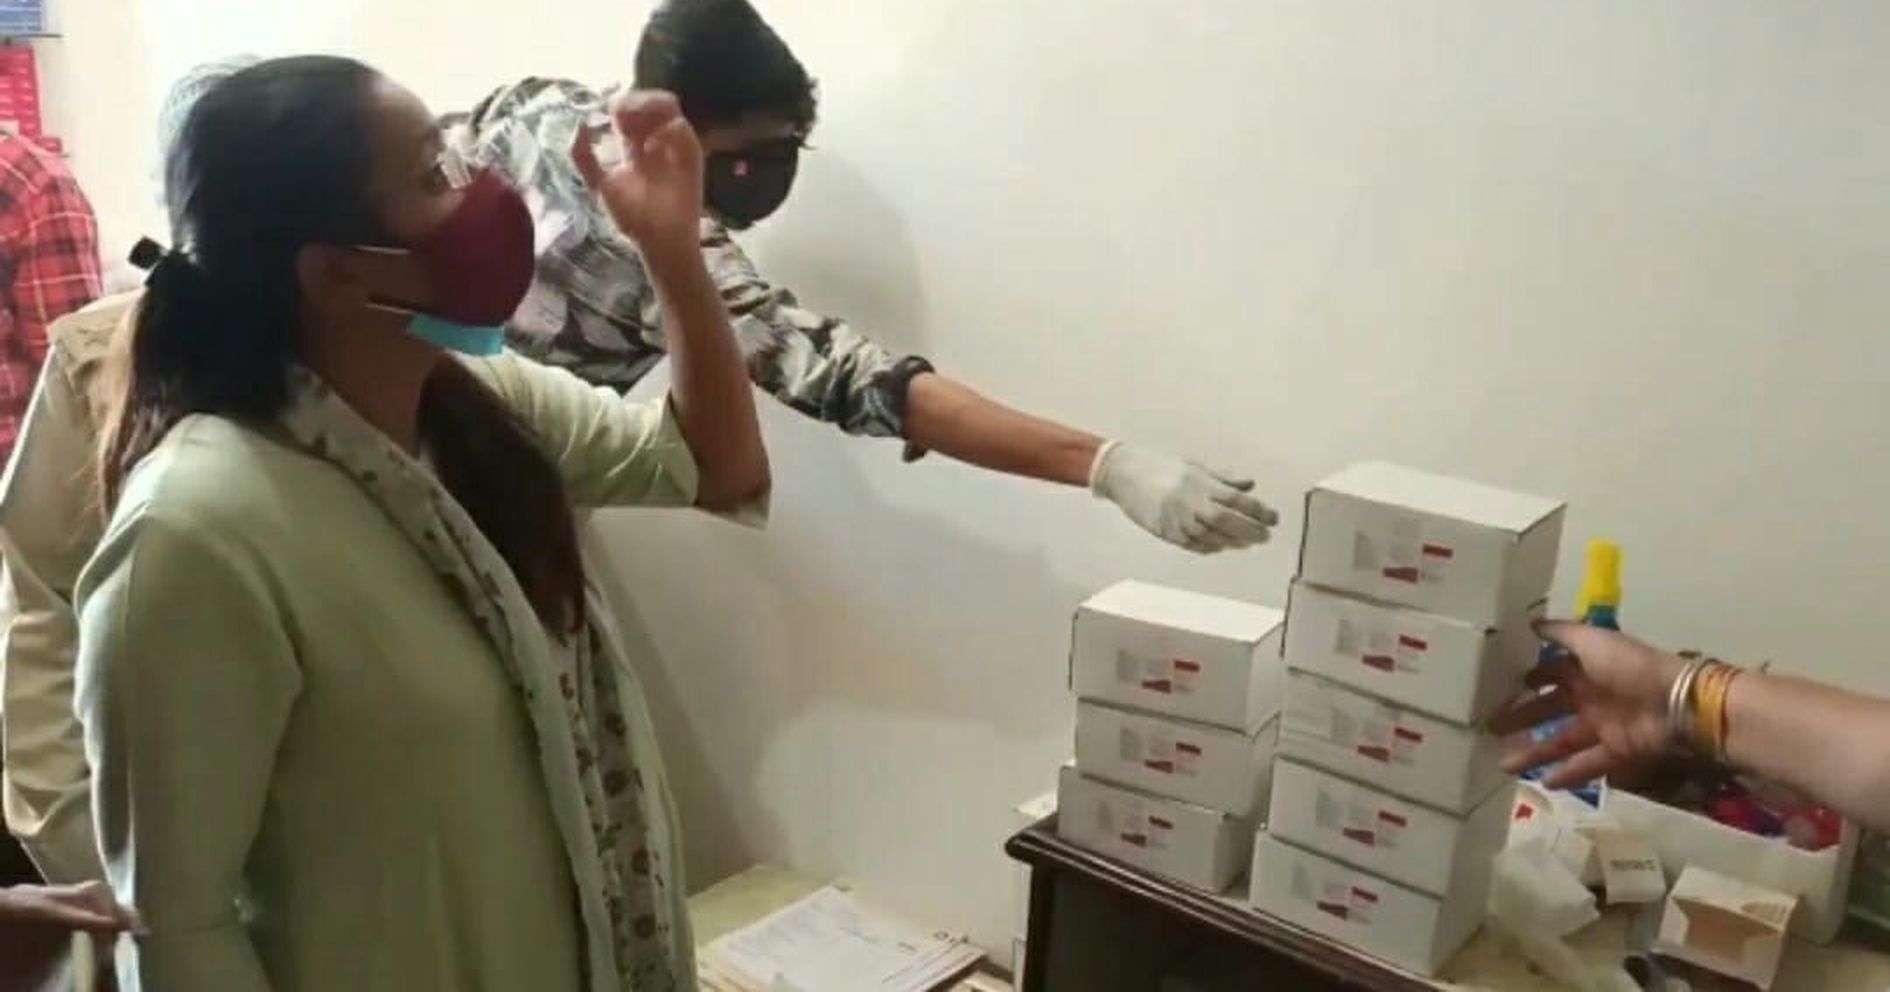 VIDEO धरावरा सीसीसी सेंटर में मरीजों की दवाईयों के हक पर डाका डाल रहे थे निजी डाक साब.... अधिकारियों ने रंगे हाथों पकड़ लिया